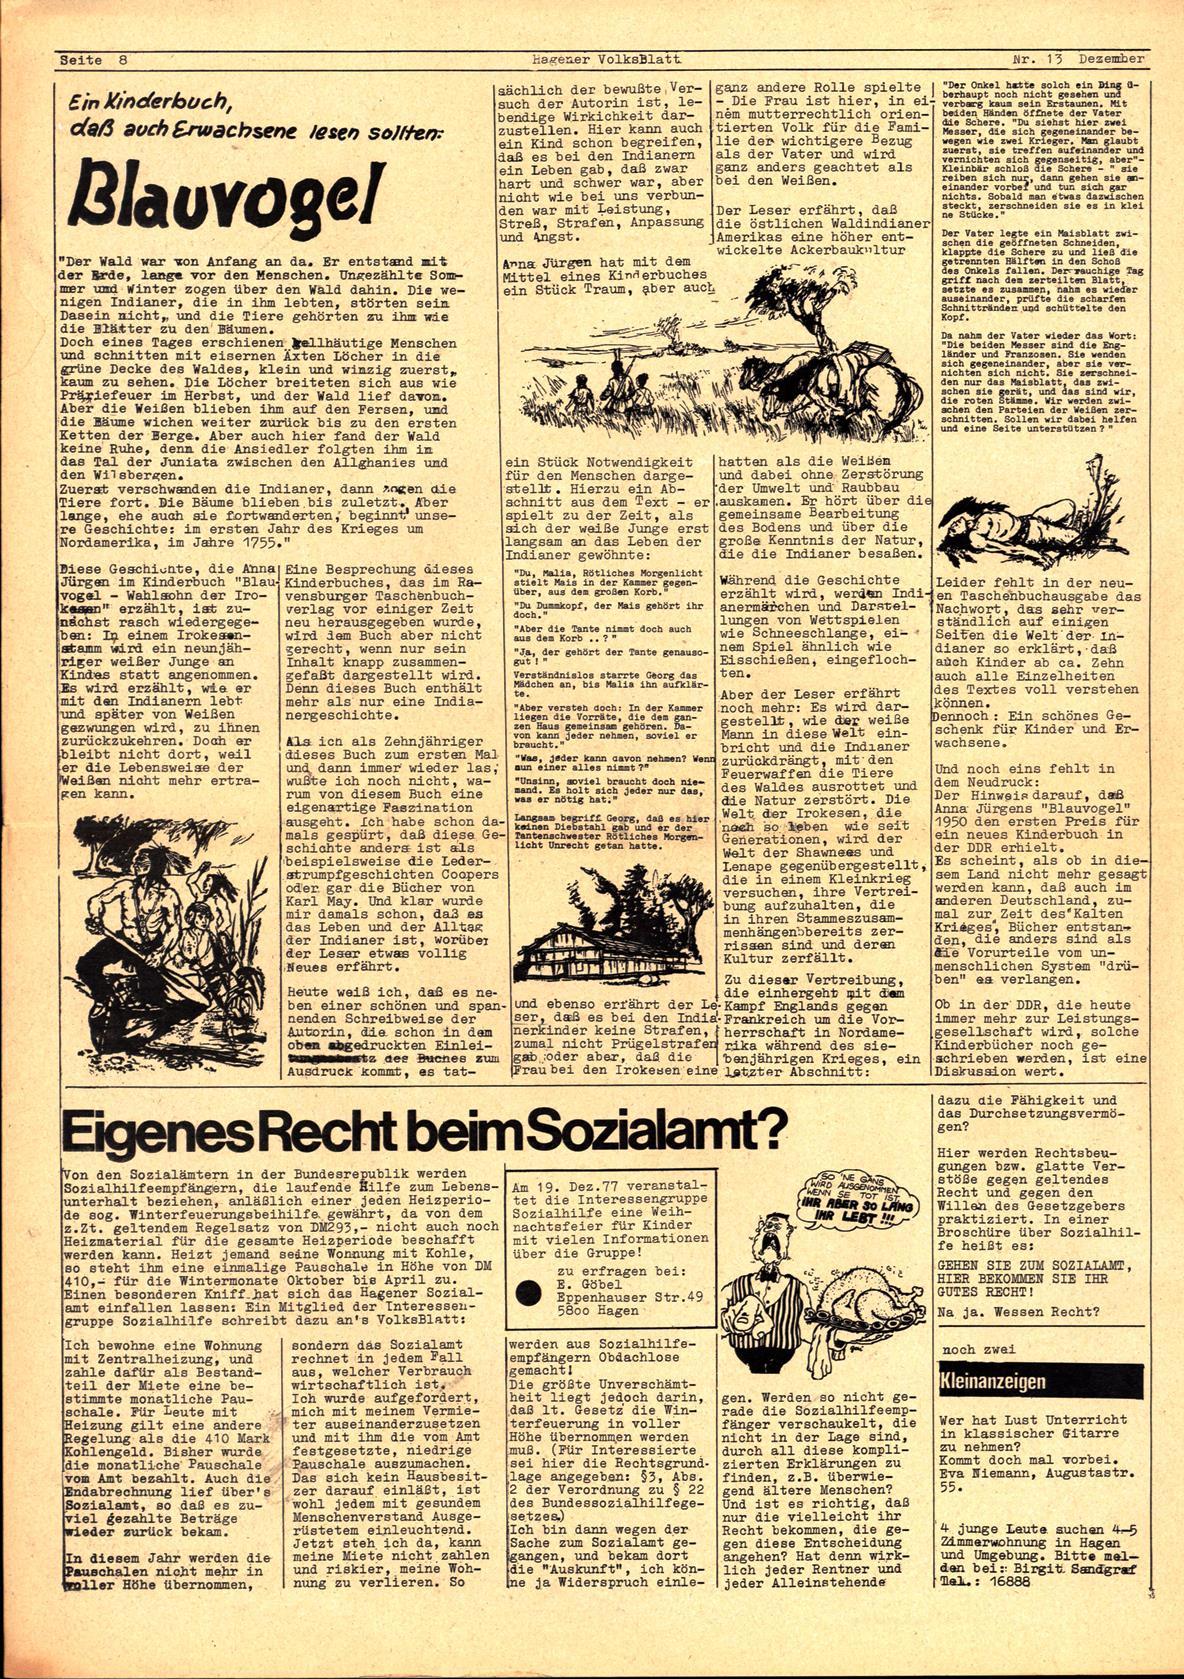 Hagen_Volksblatt_19771200_08